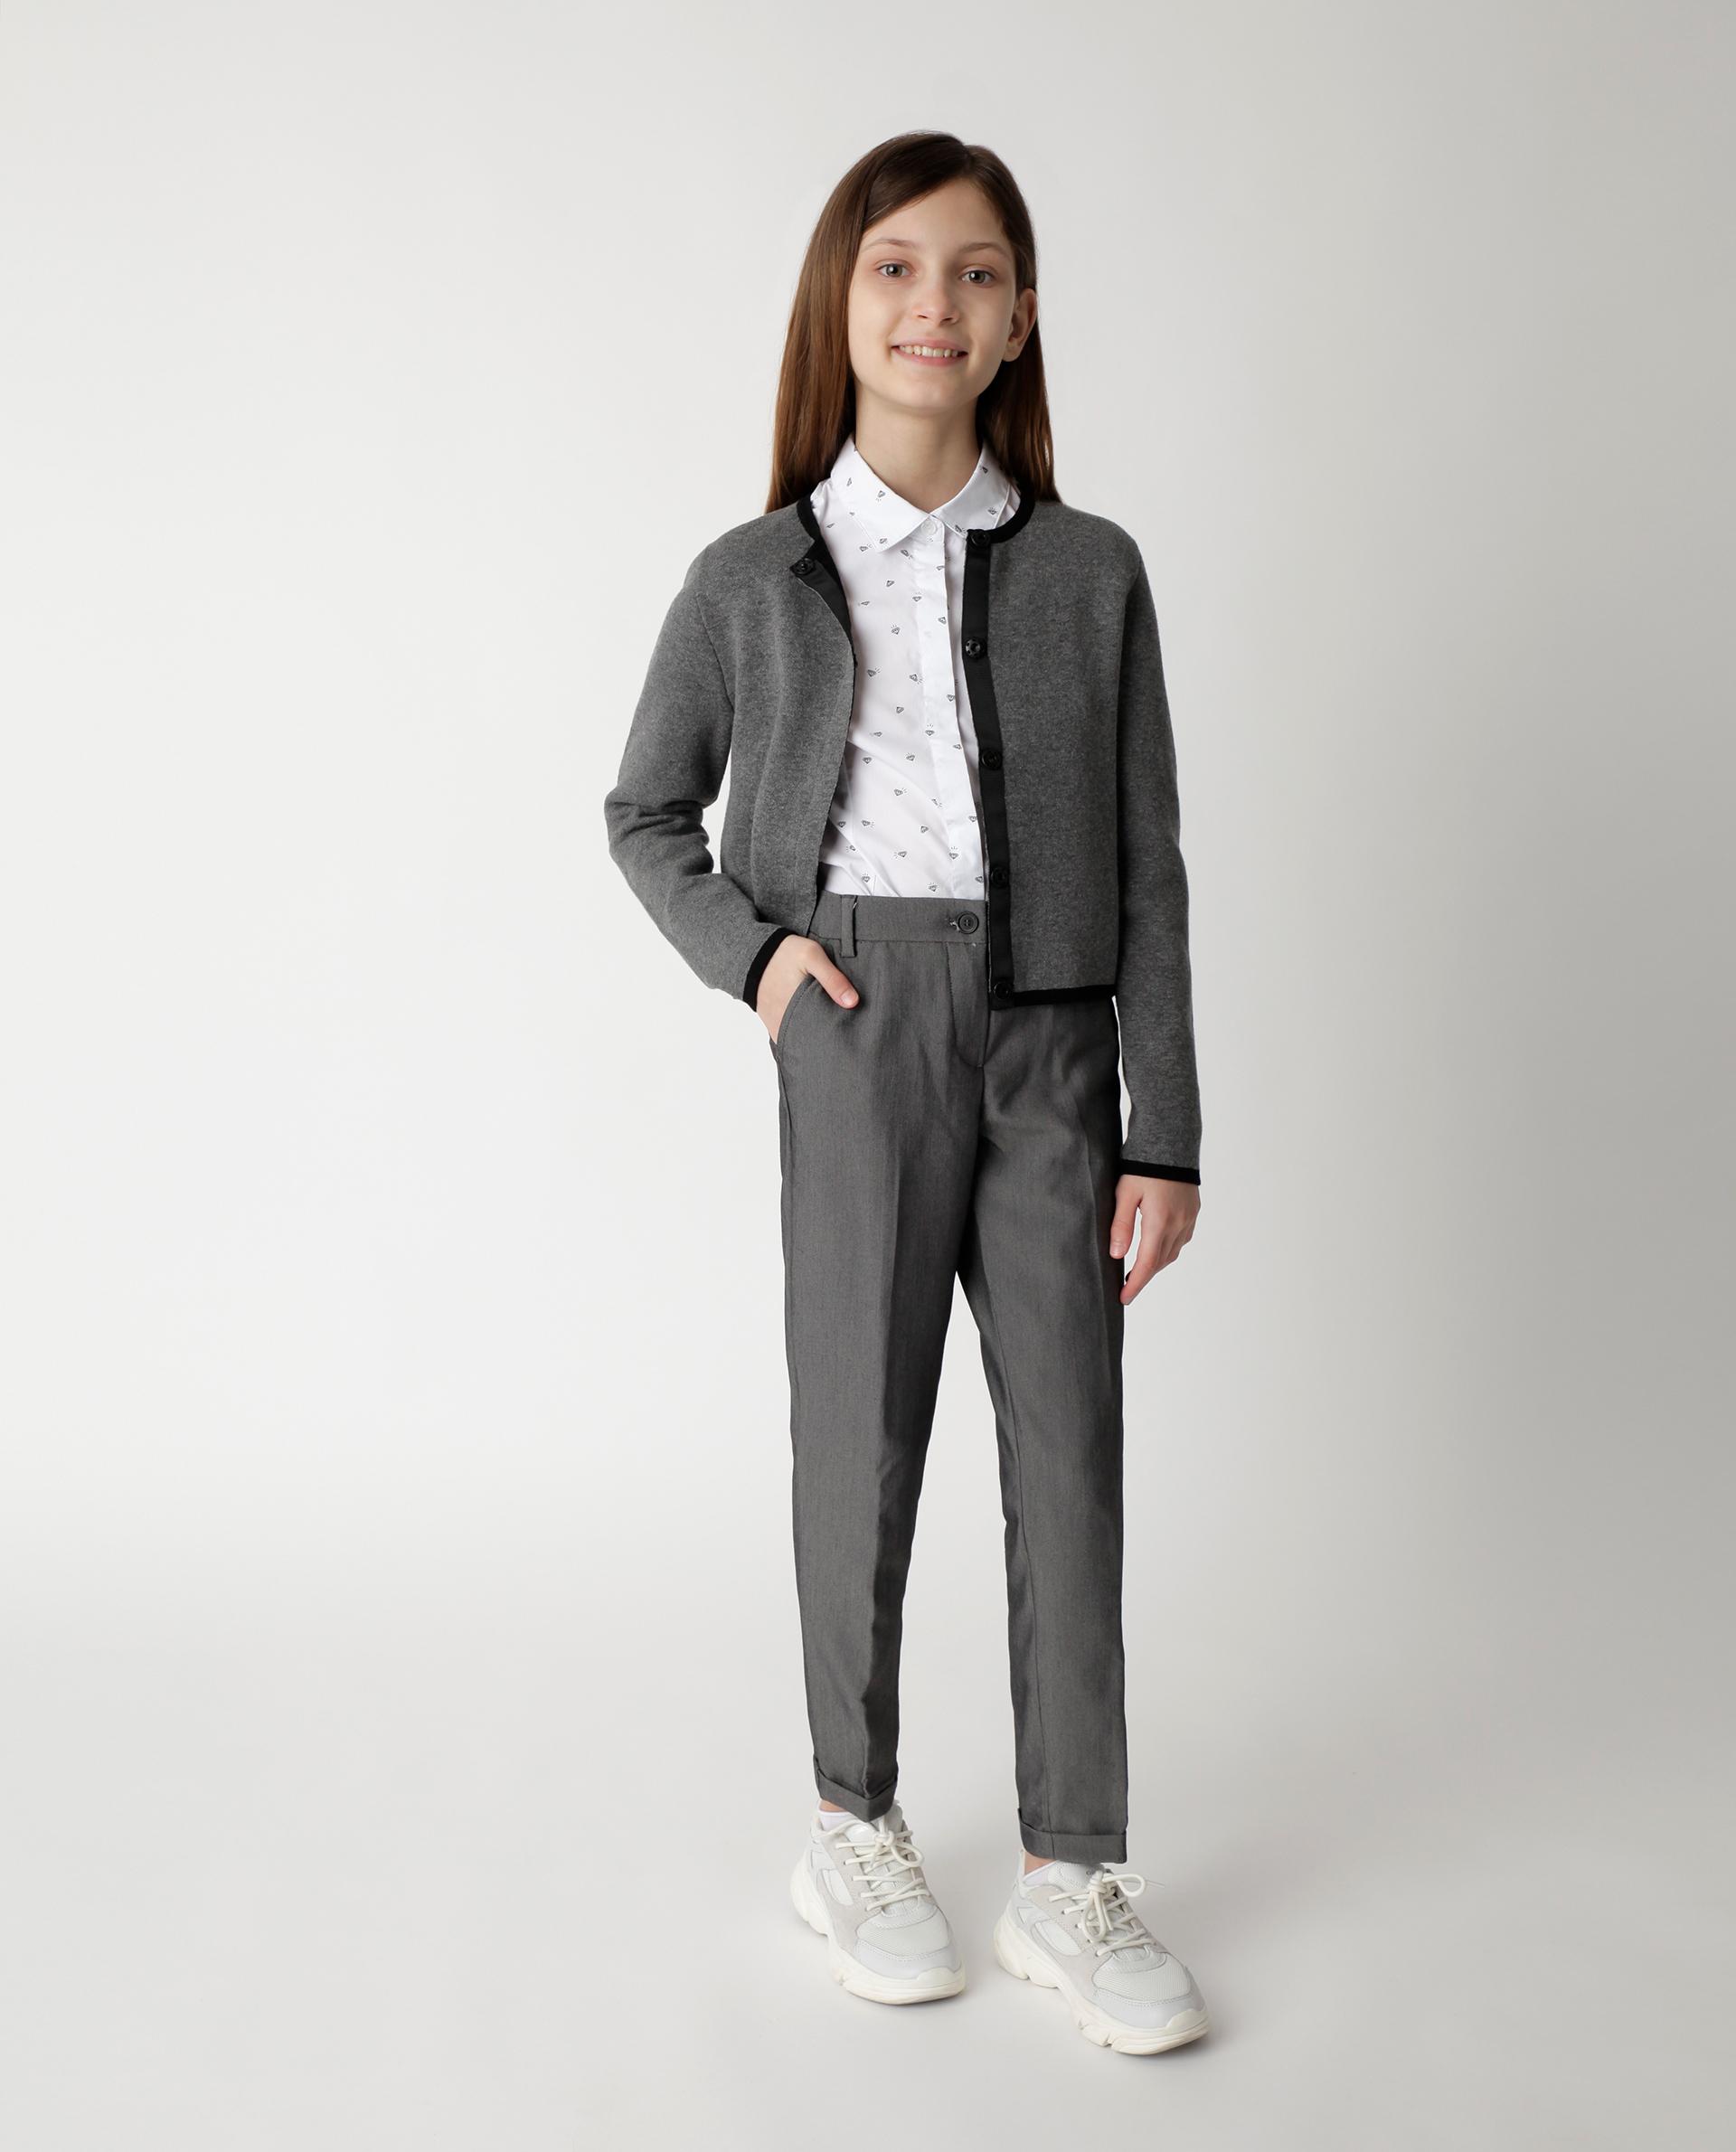 Купить 220GSGC6308, Серый брюки Gulliver, серый, 158, Женский, Демисезон, ШКОЛЬНАЯ ФОРМА 2020-2021 (shop: GulliverMarket Gulliver Market)